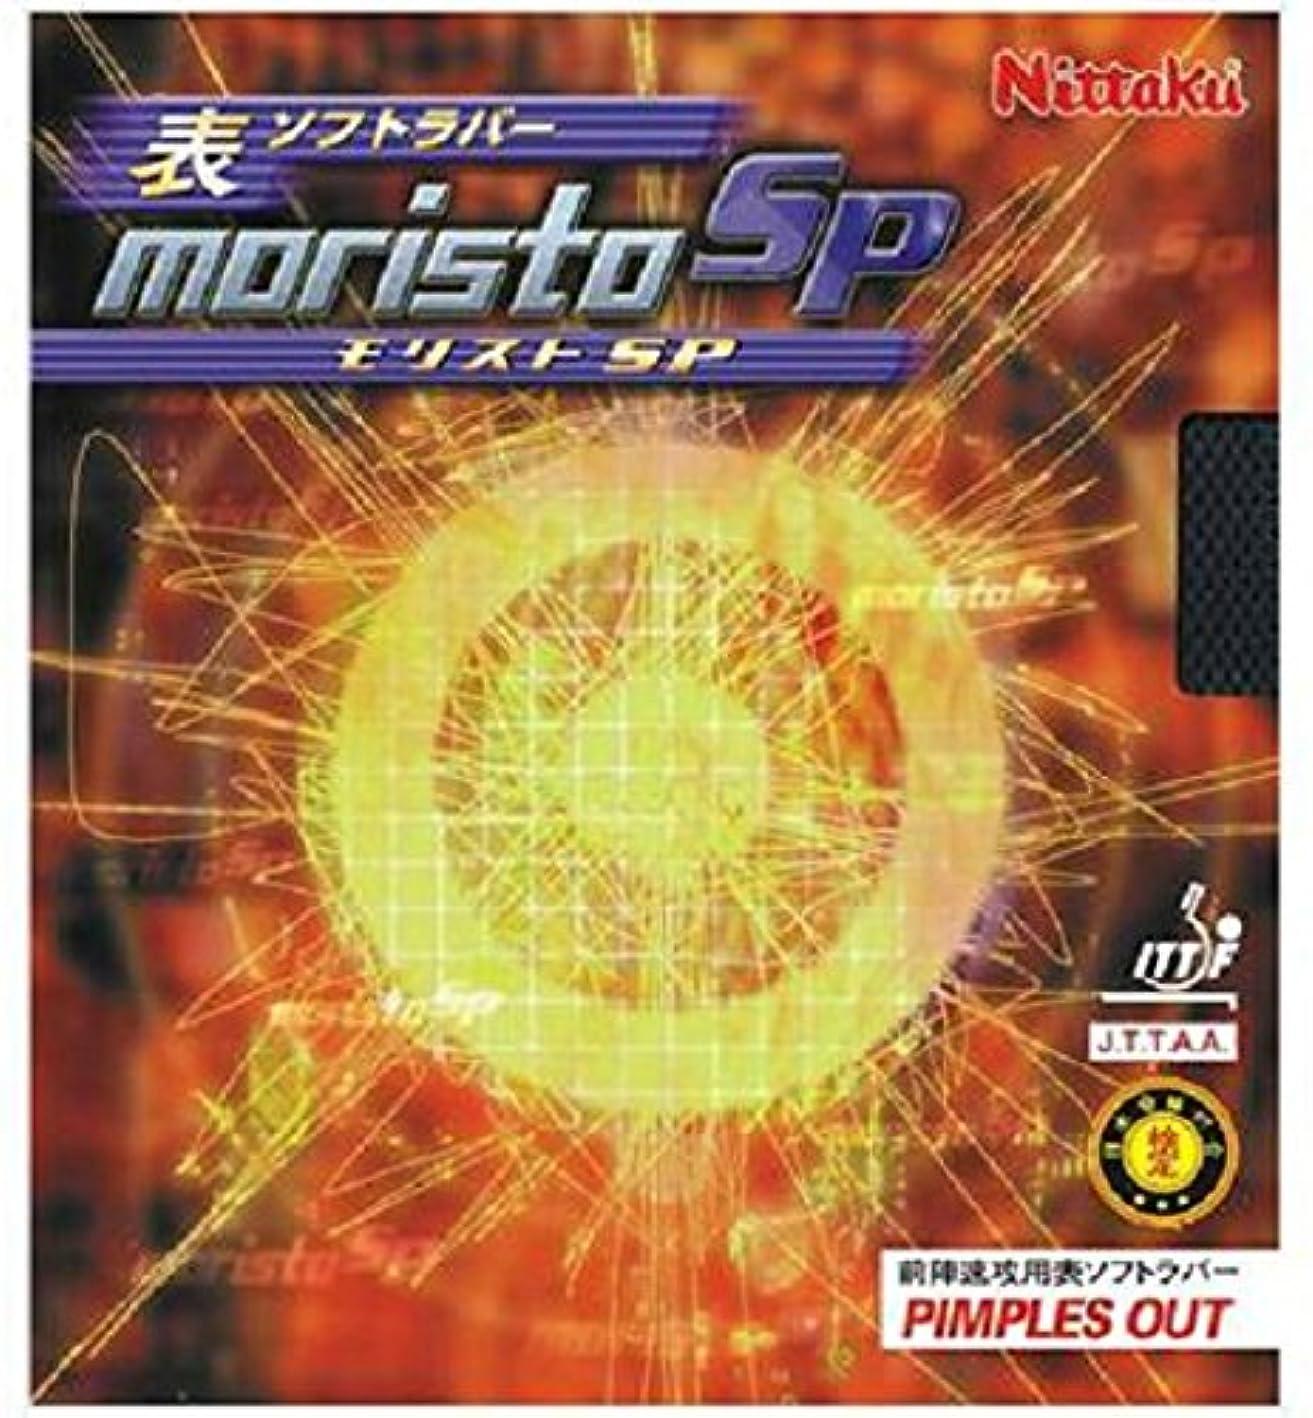 北西殉教者科学的ニッタク(Nittaku) 卓球 ラバー モリストSP 表ソフト テンション NR-8670(スピン)